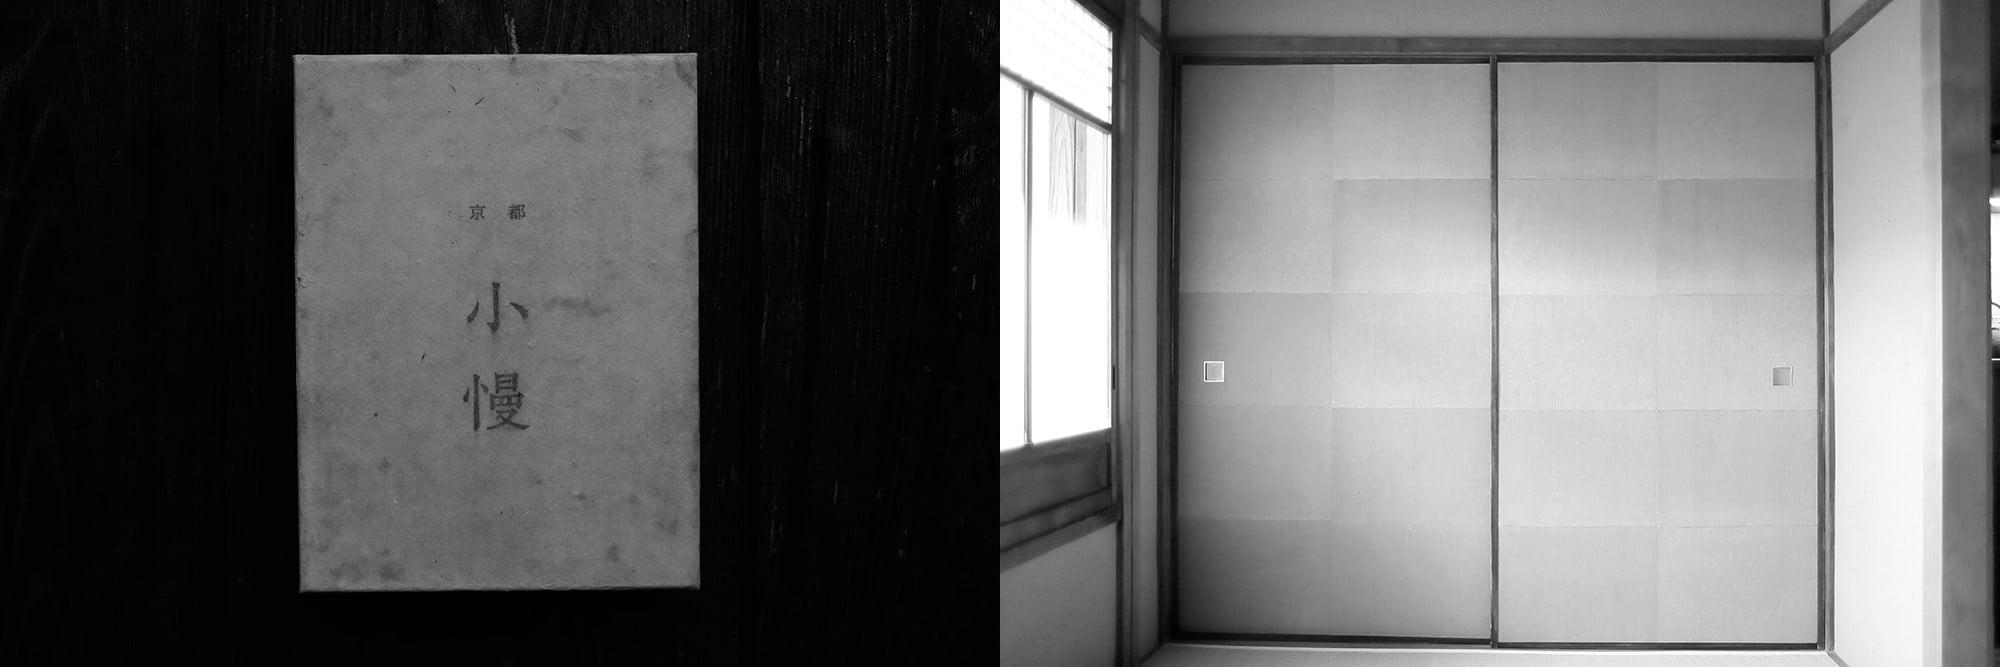 みずから和紙を漉いて色を重ね、内装のパーツとしての和紙というジャンルをつくり上げたハタノワタルによる空間。